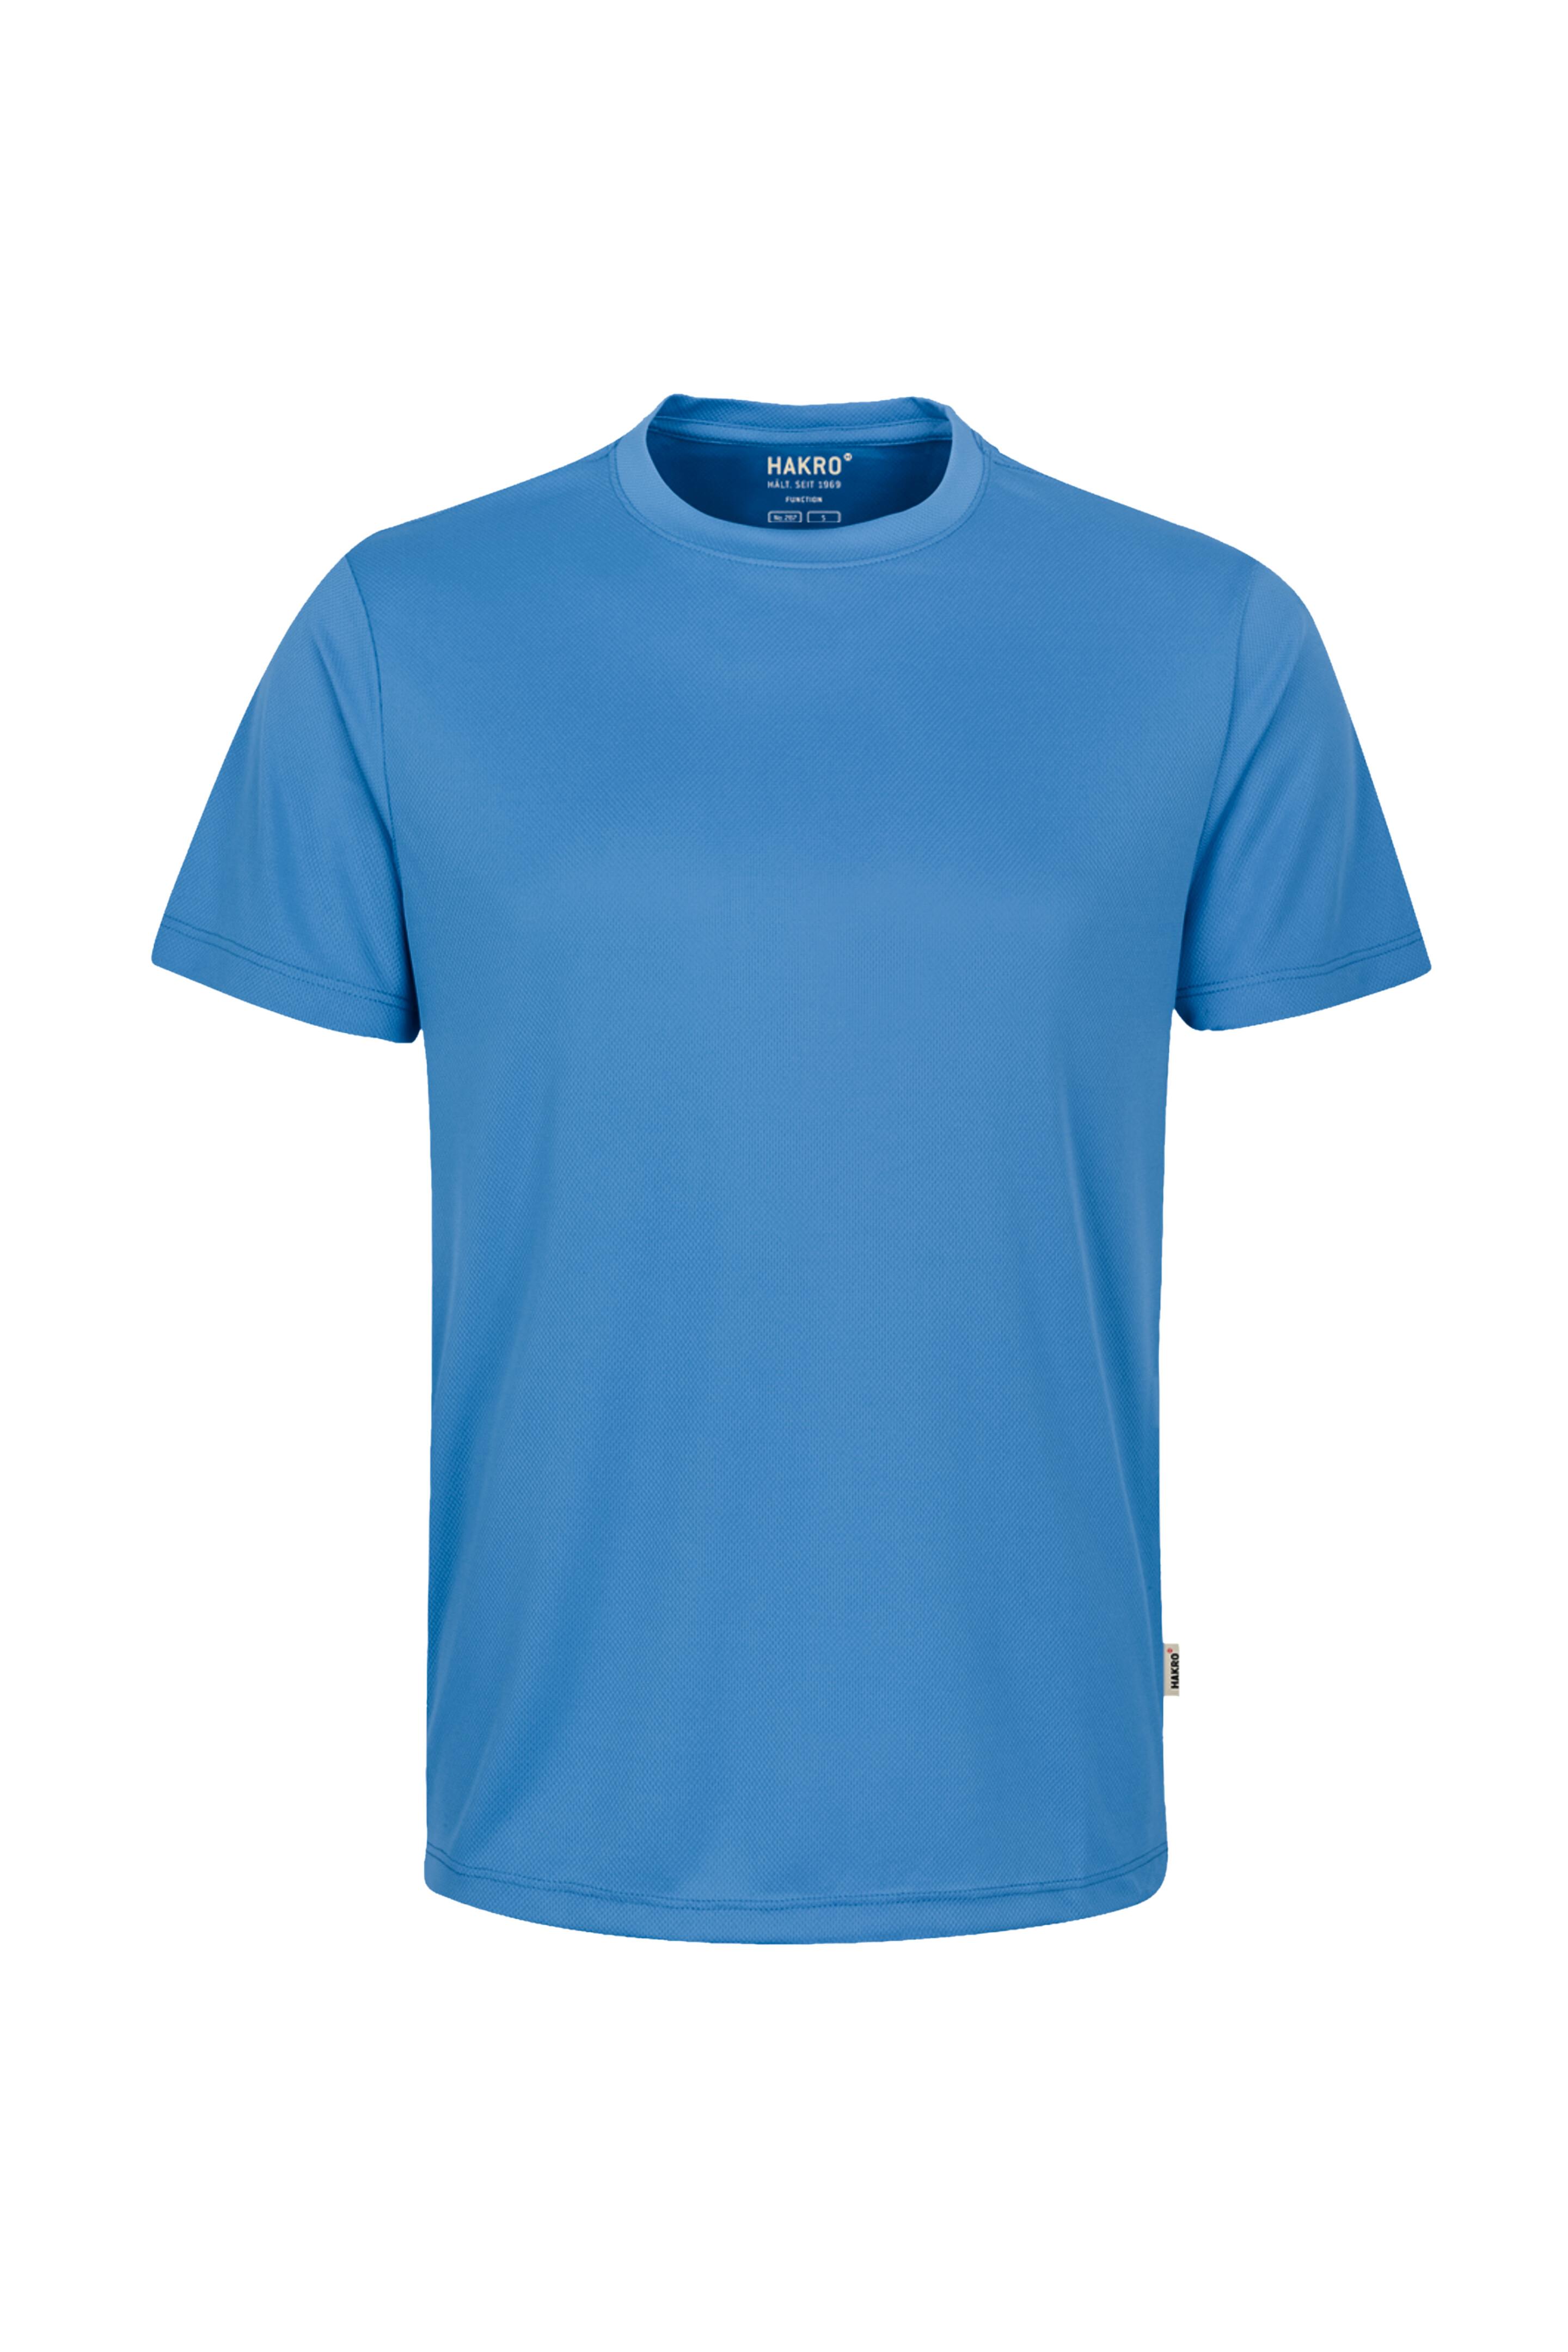 T-Shirt COOLMAX von Hakro No. 287